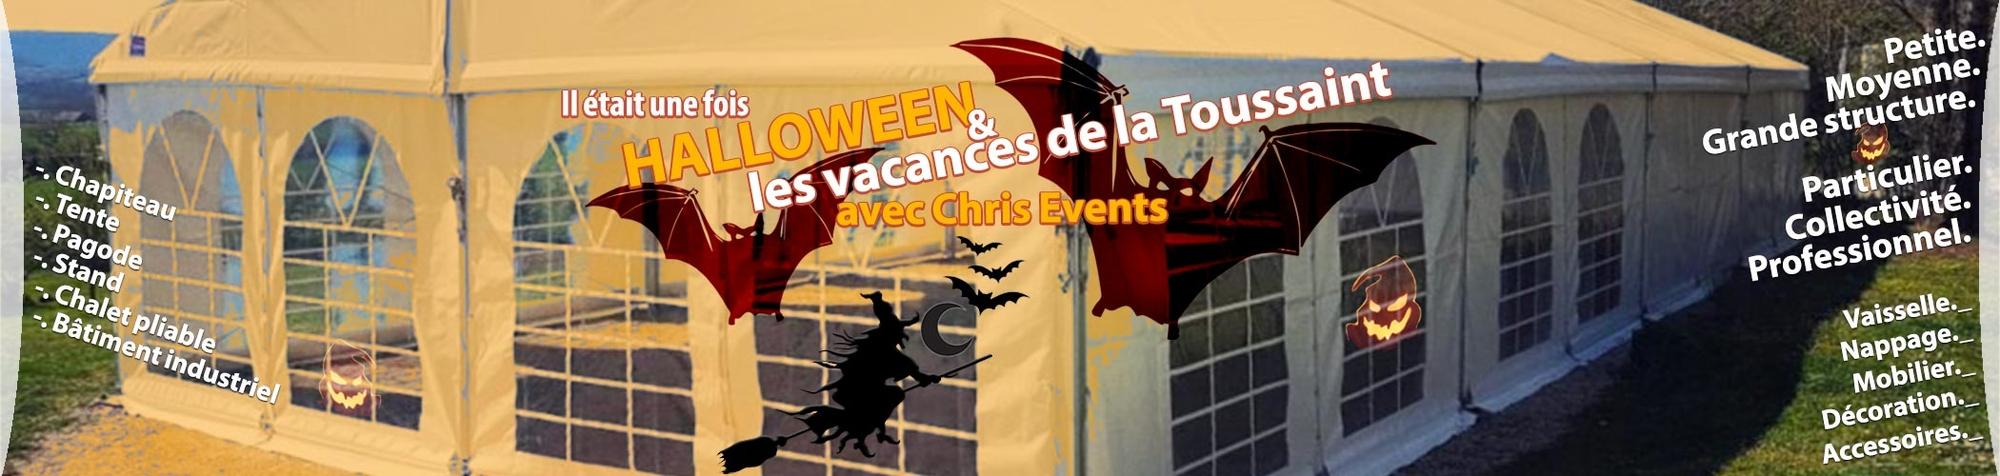 Chris Events et Halloween, c'est une histoire de la Toussaint !